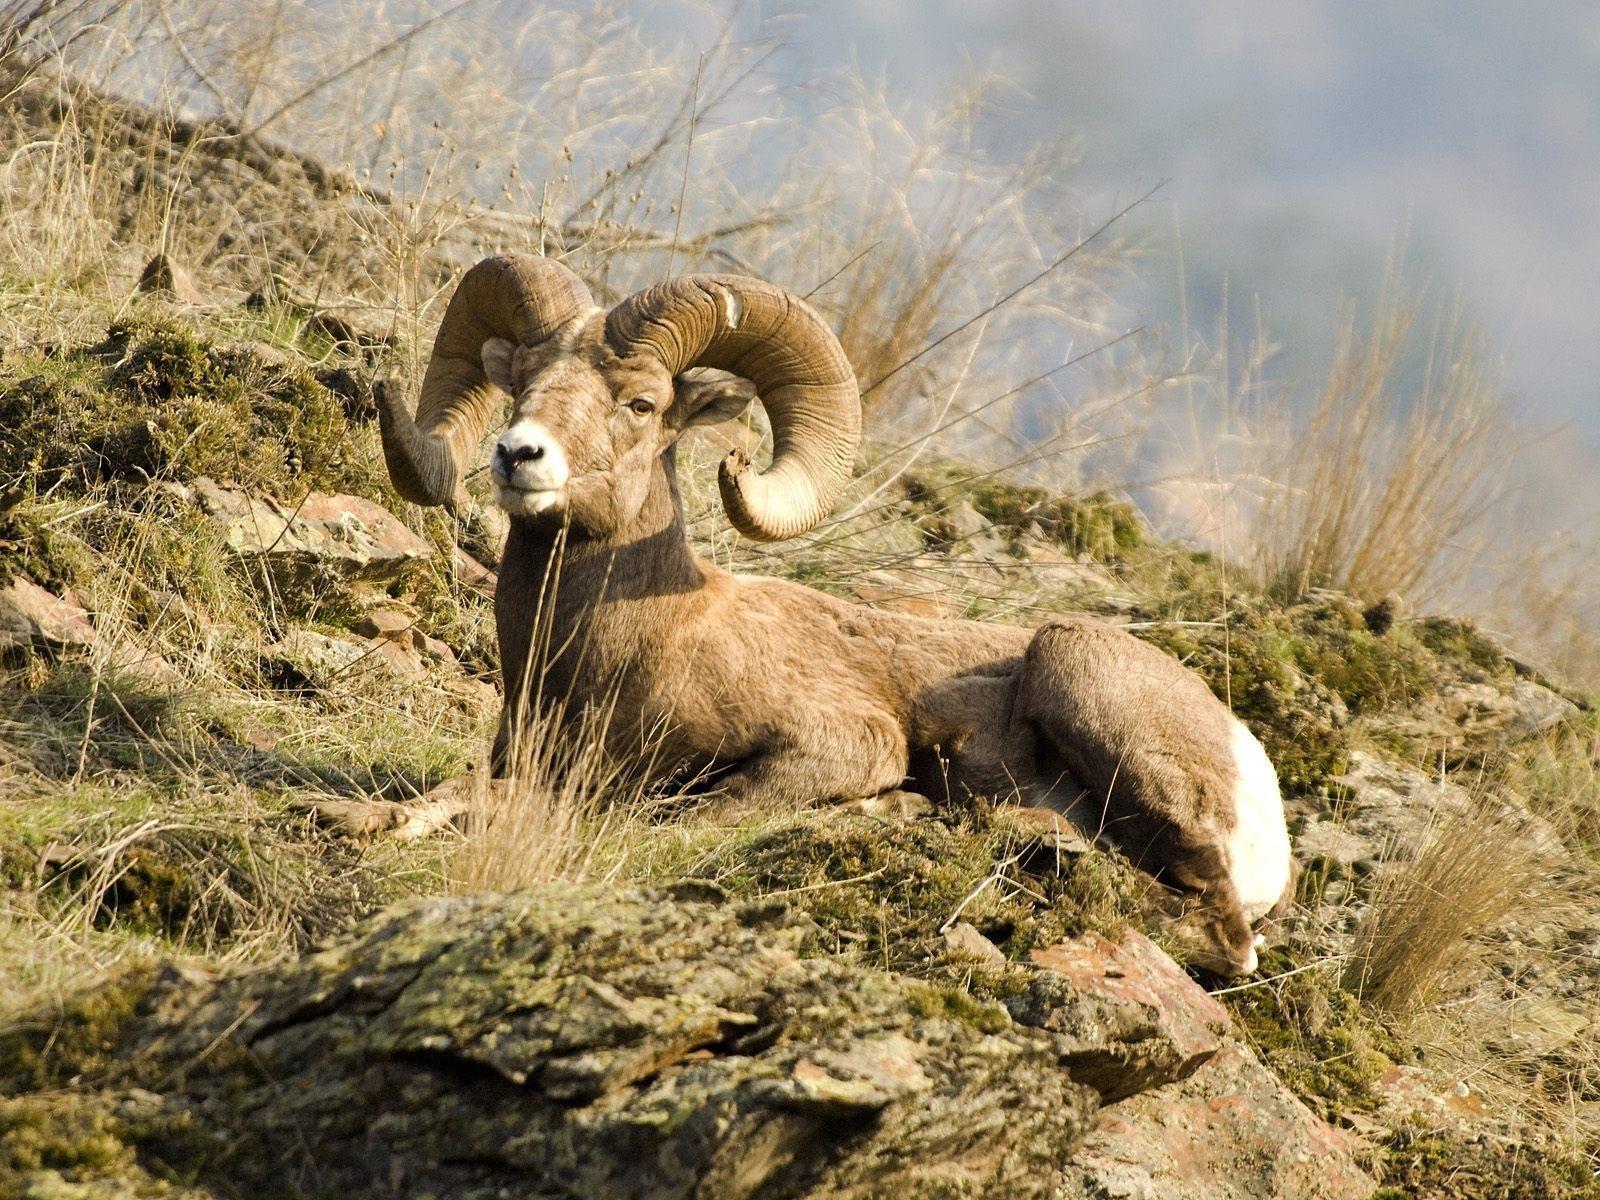 Hình nền : Cừu núi, nói dối, Núi 1600x1200 - - 660719 - Hình nền đẹp hd -  WallHere